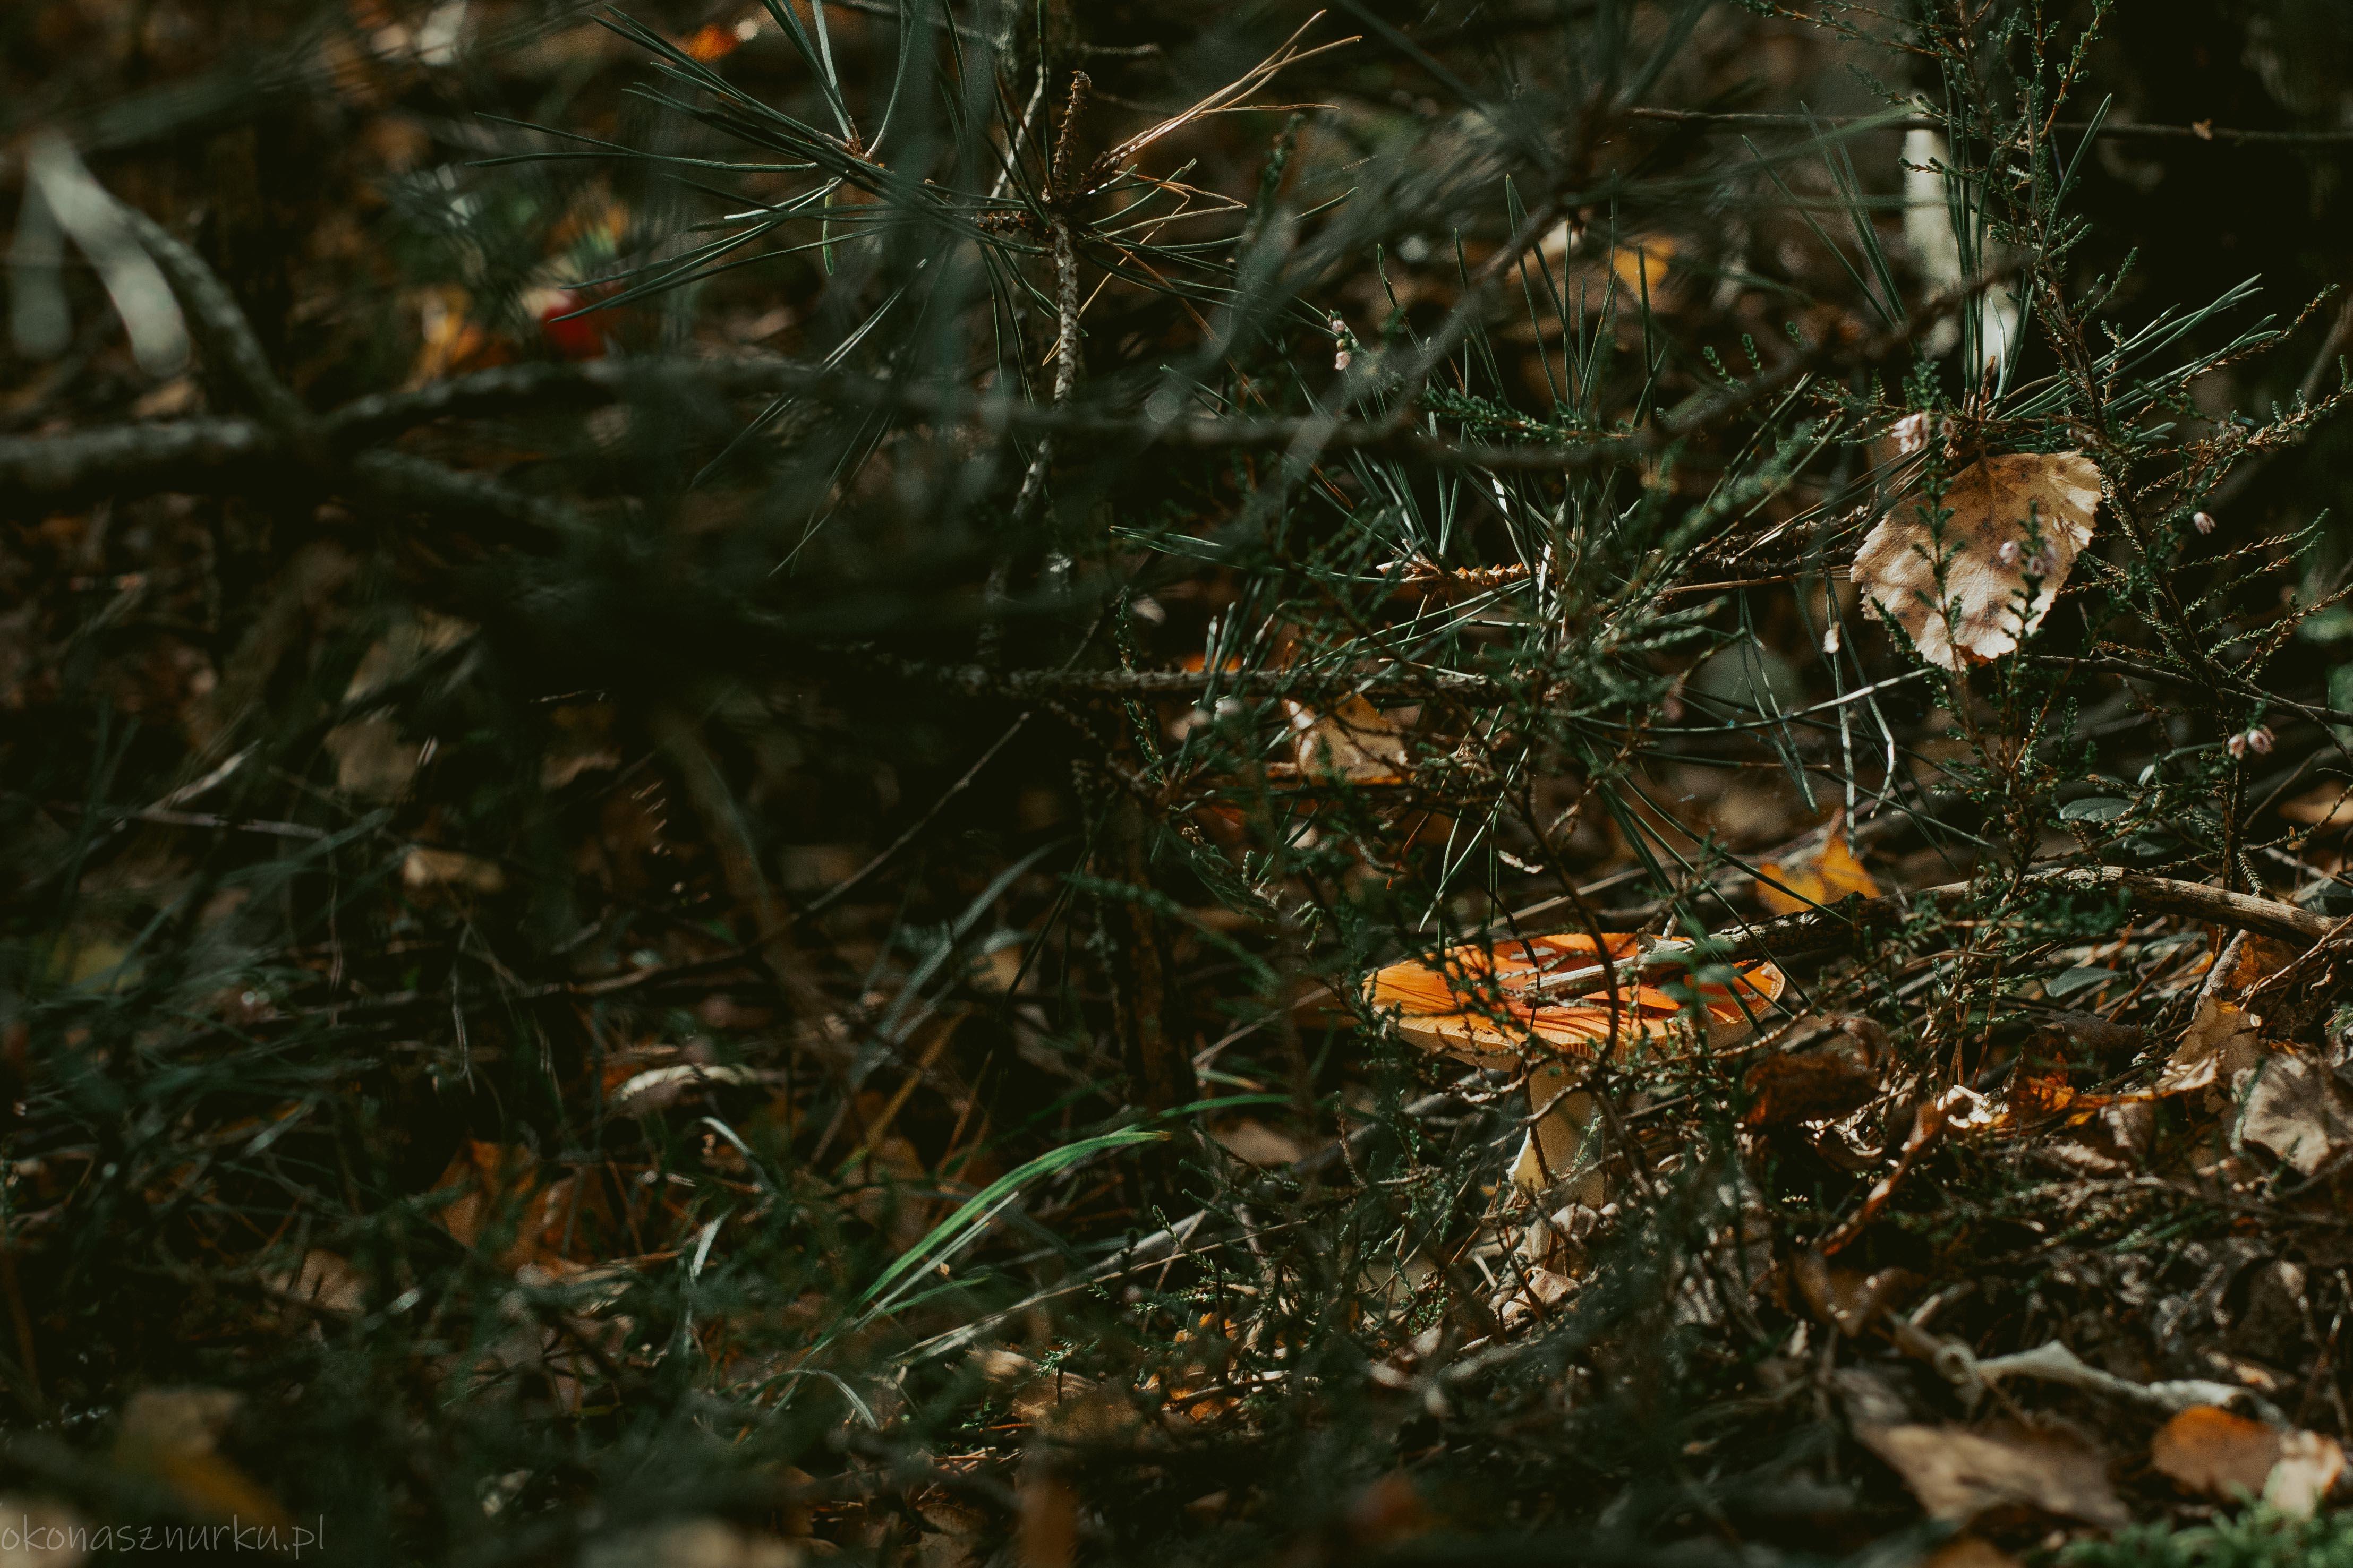 grzybobranie-okonasznurku (38)